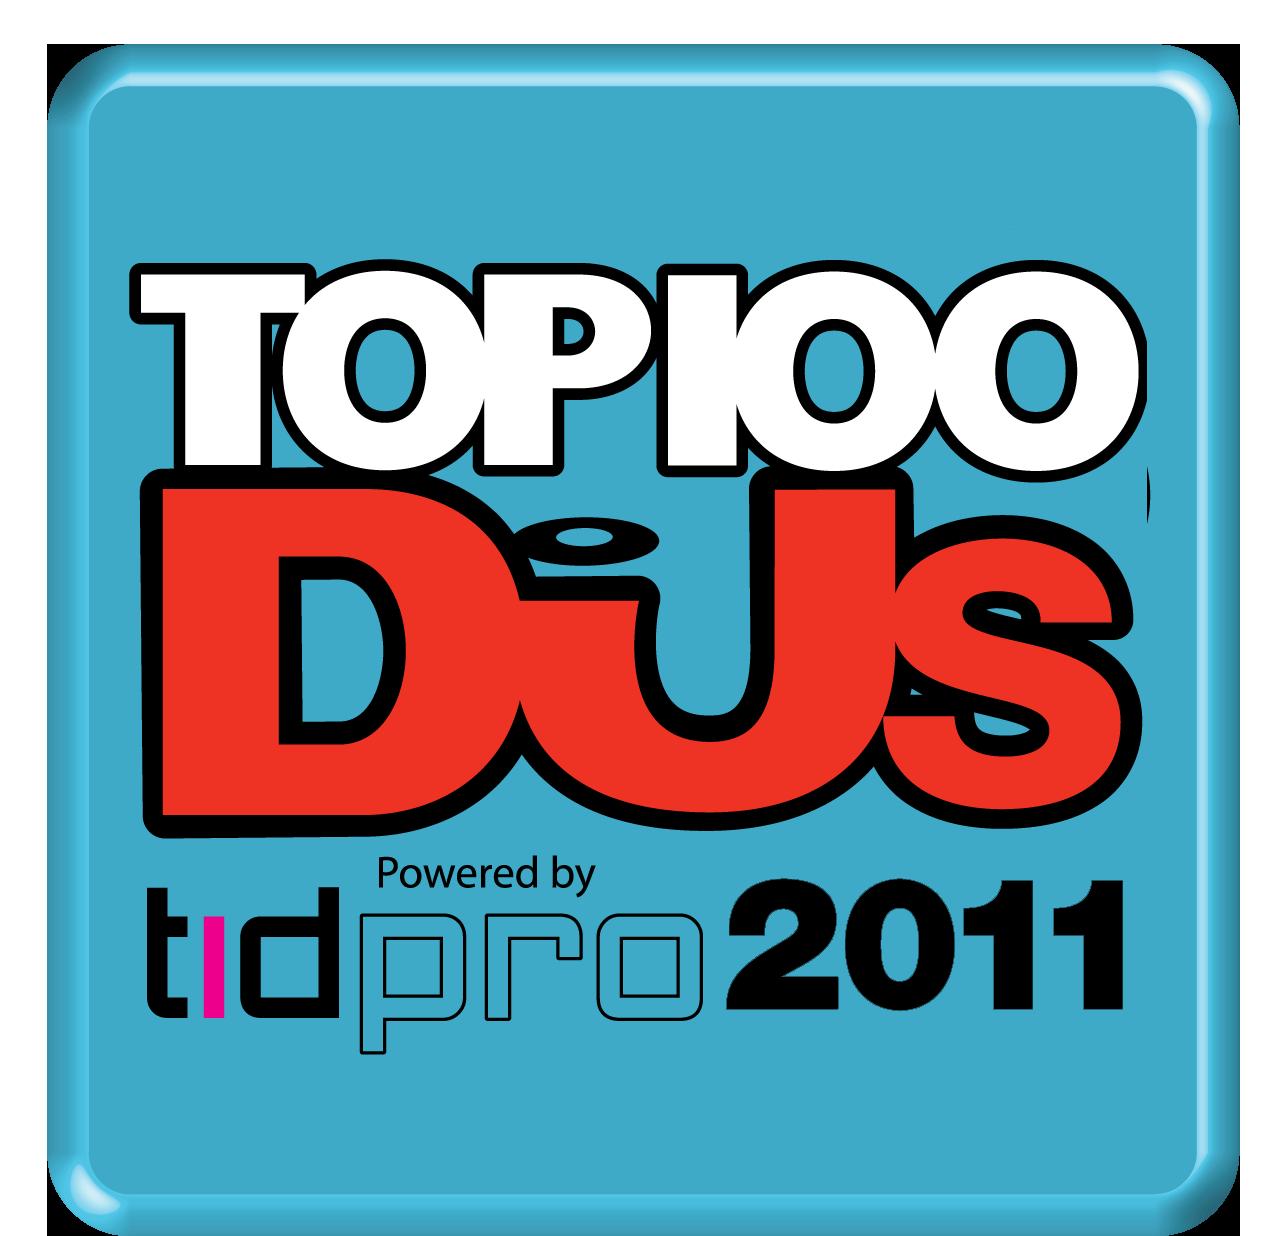 Top100 DJ